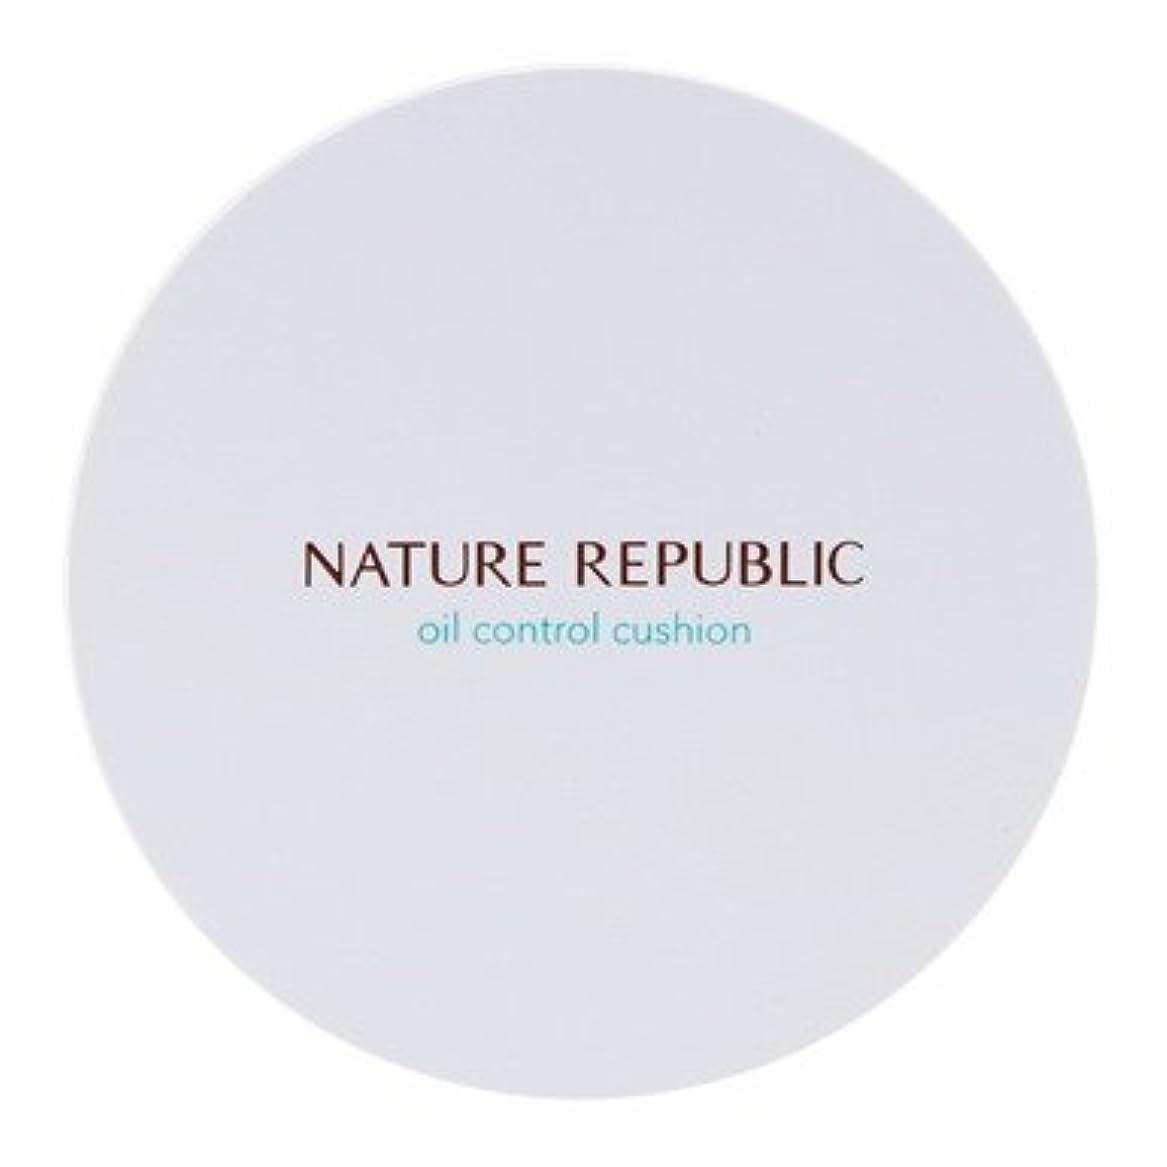 冷笑する路面電車おめでとう【NATURE REPUBLIC (ネイチャーリパブリック)】プロヴァンス エアスキンフィット オイルコントロール クッション 15g (SPF50+/ PA+++)(2カラー選択1) (01 ライトベージュ) [並行輸入品]